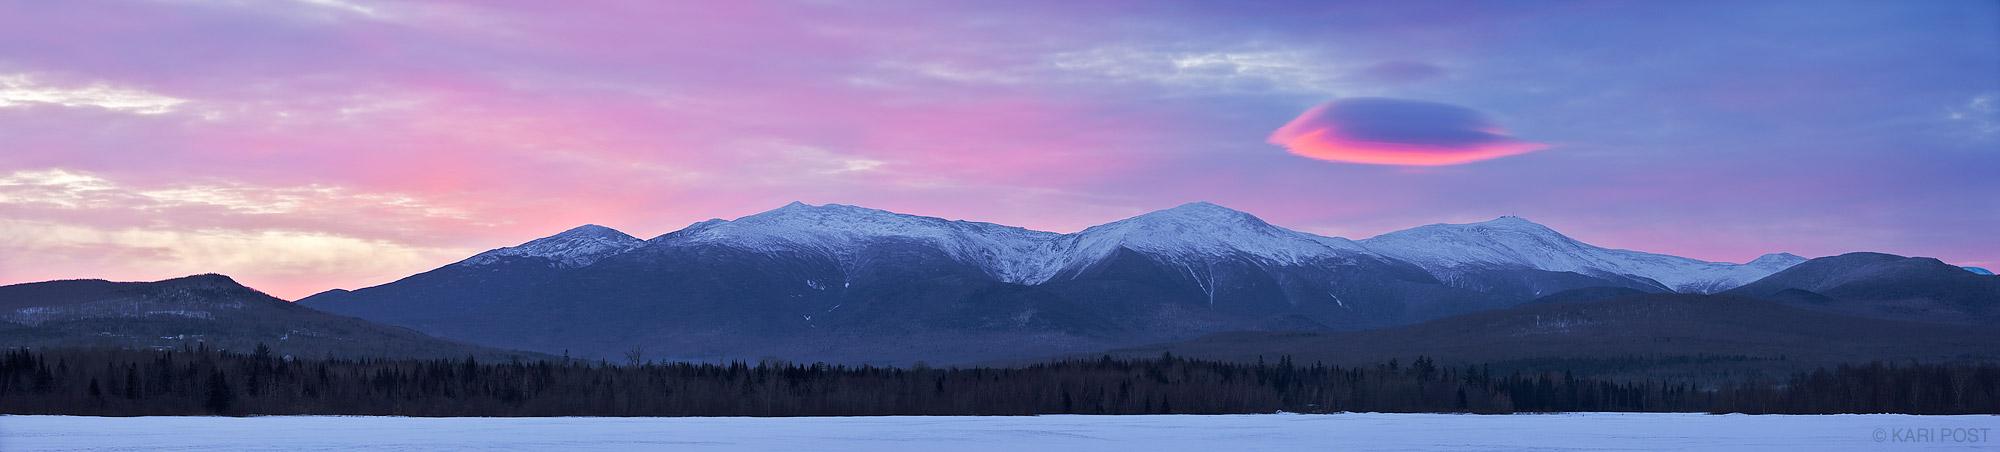 sunrise, mount washington, jefferson meadows, white mountain national forest, presidential range, new hampshire, mountai, photo